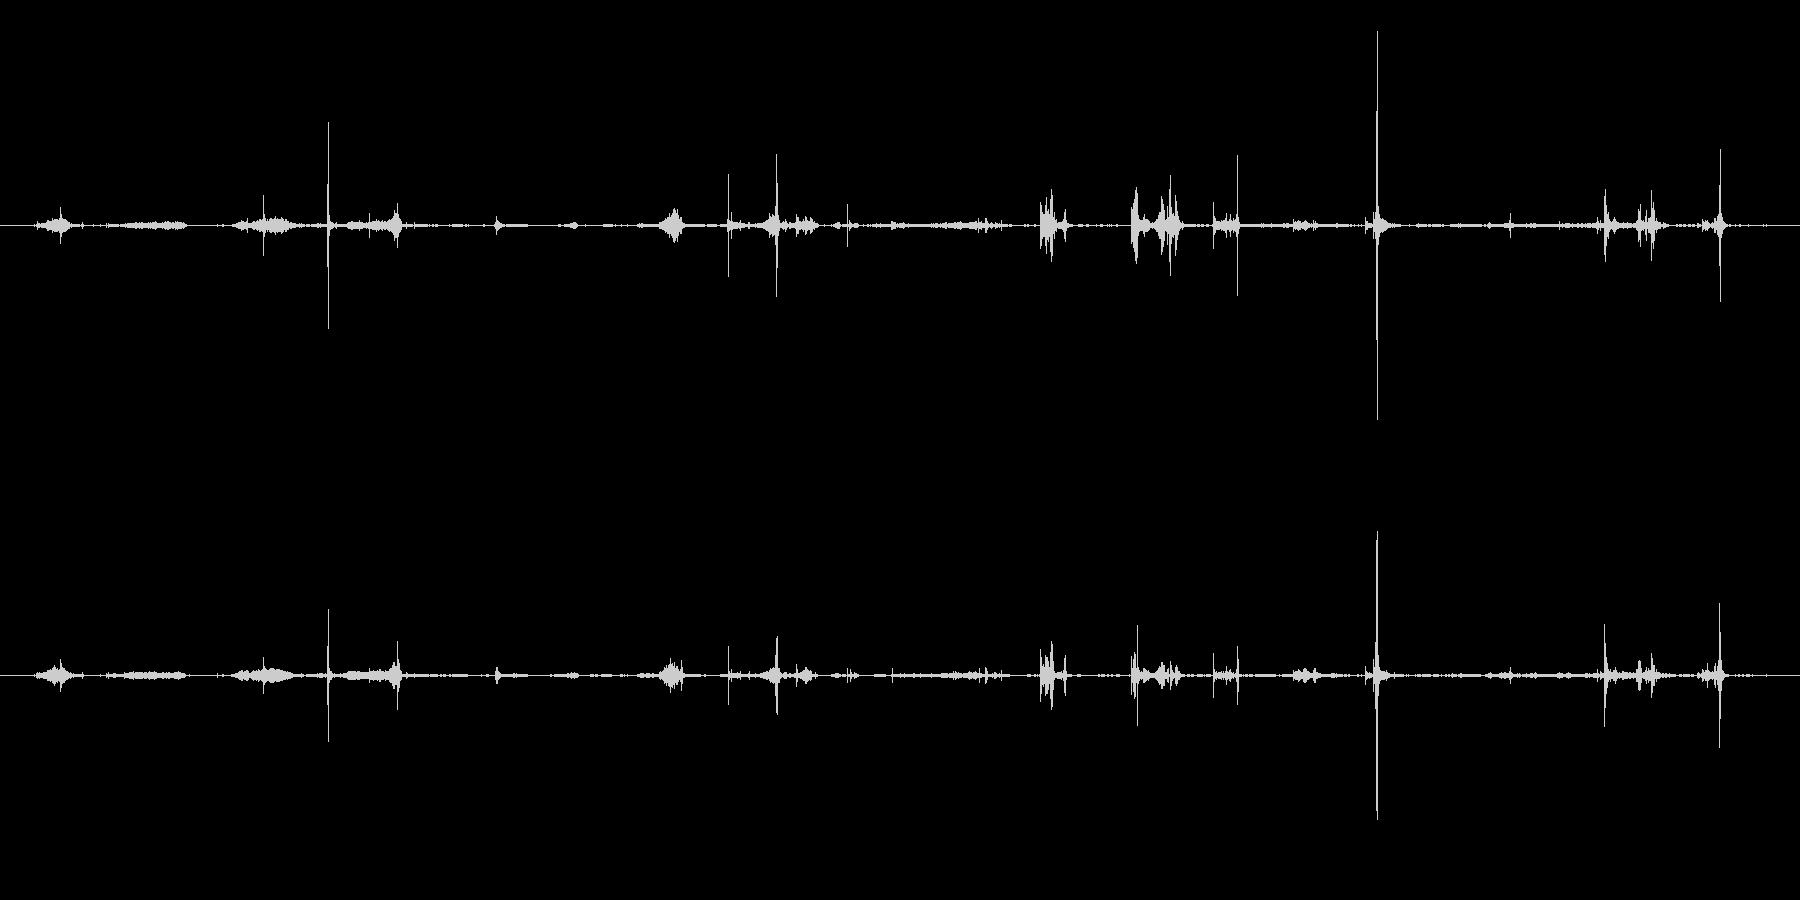 紙 トランプハンドル03の未再生の波形